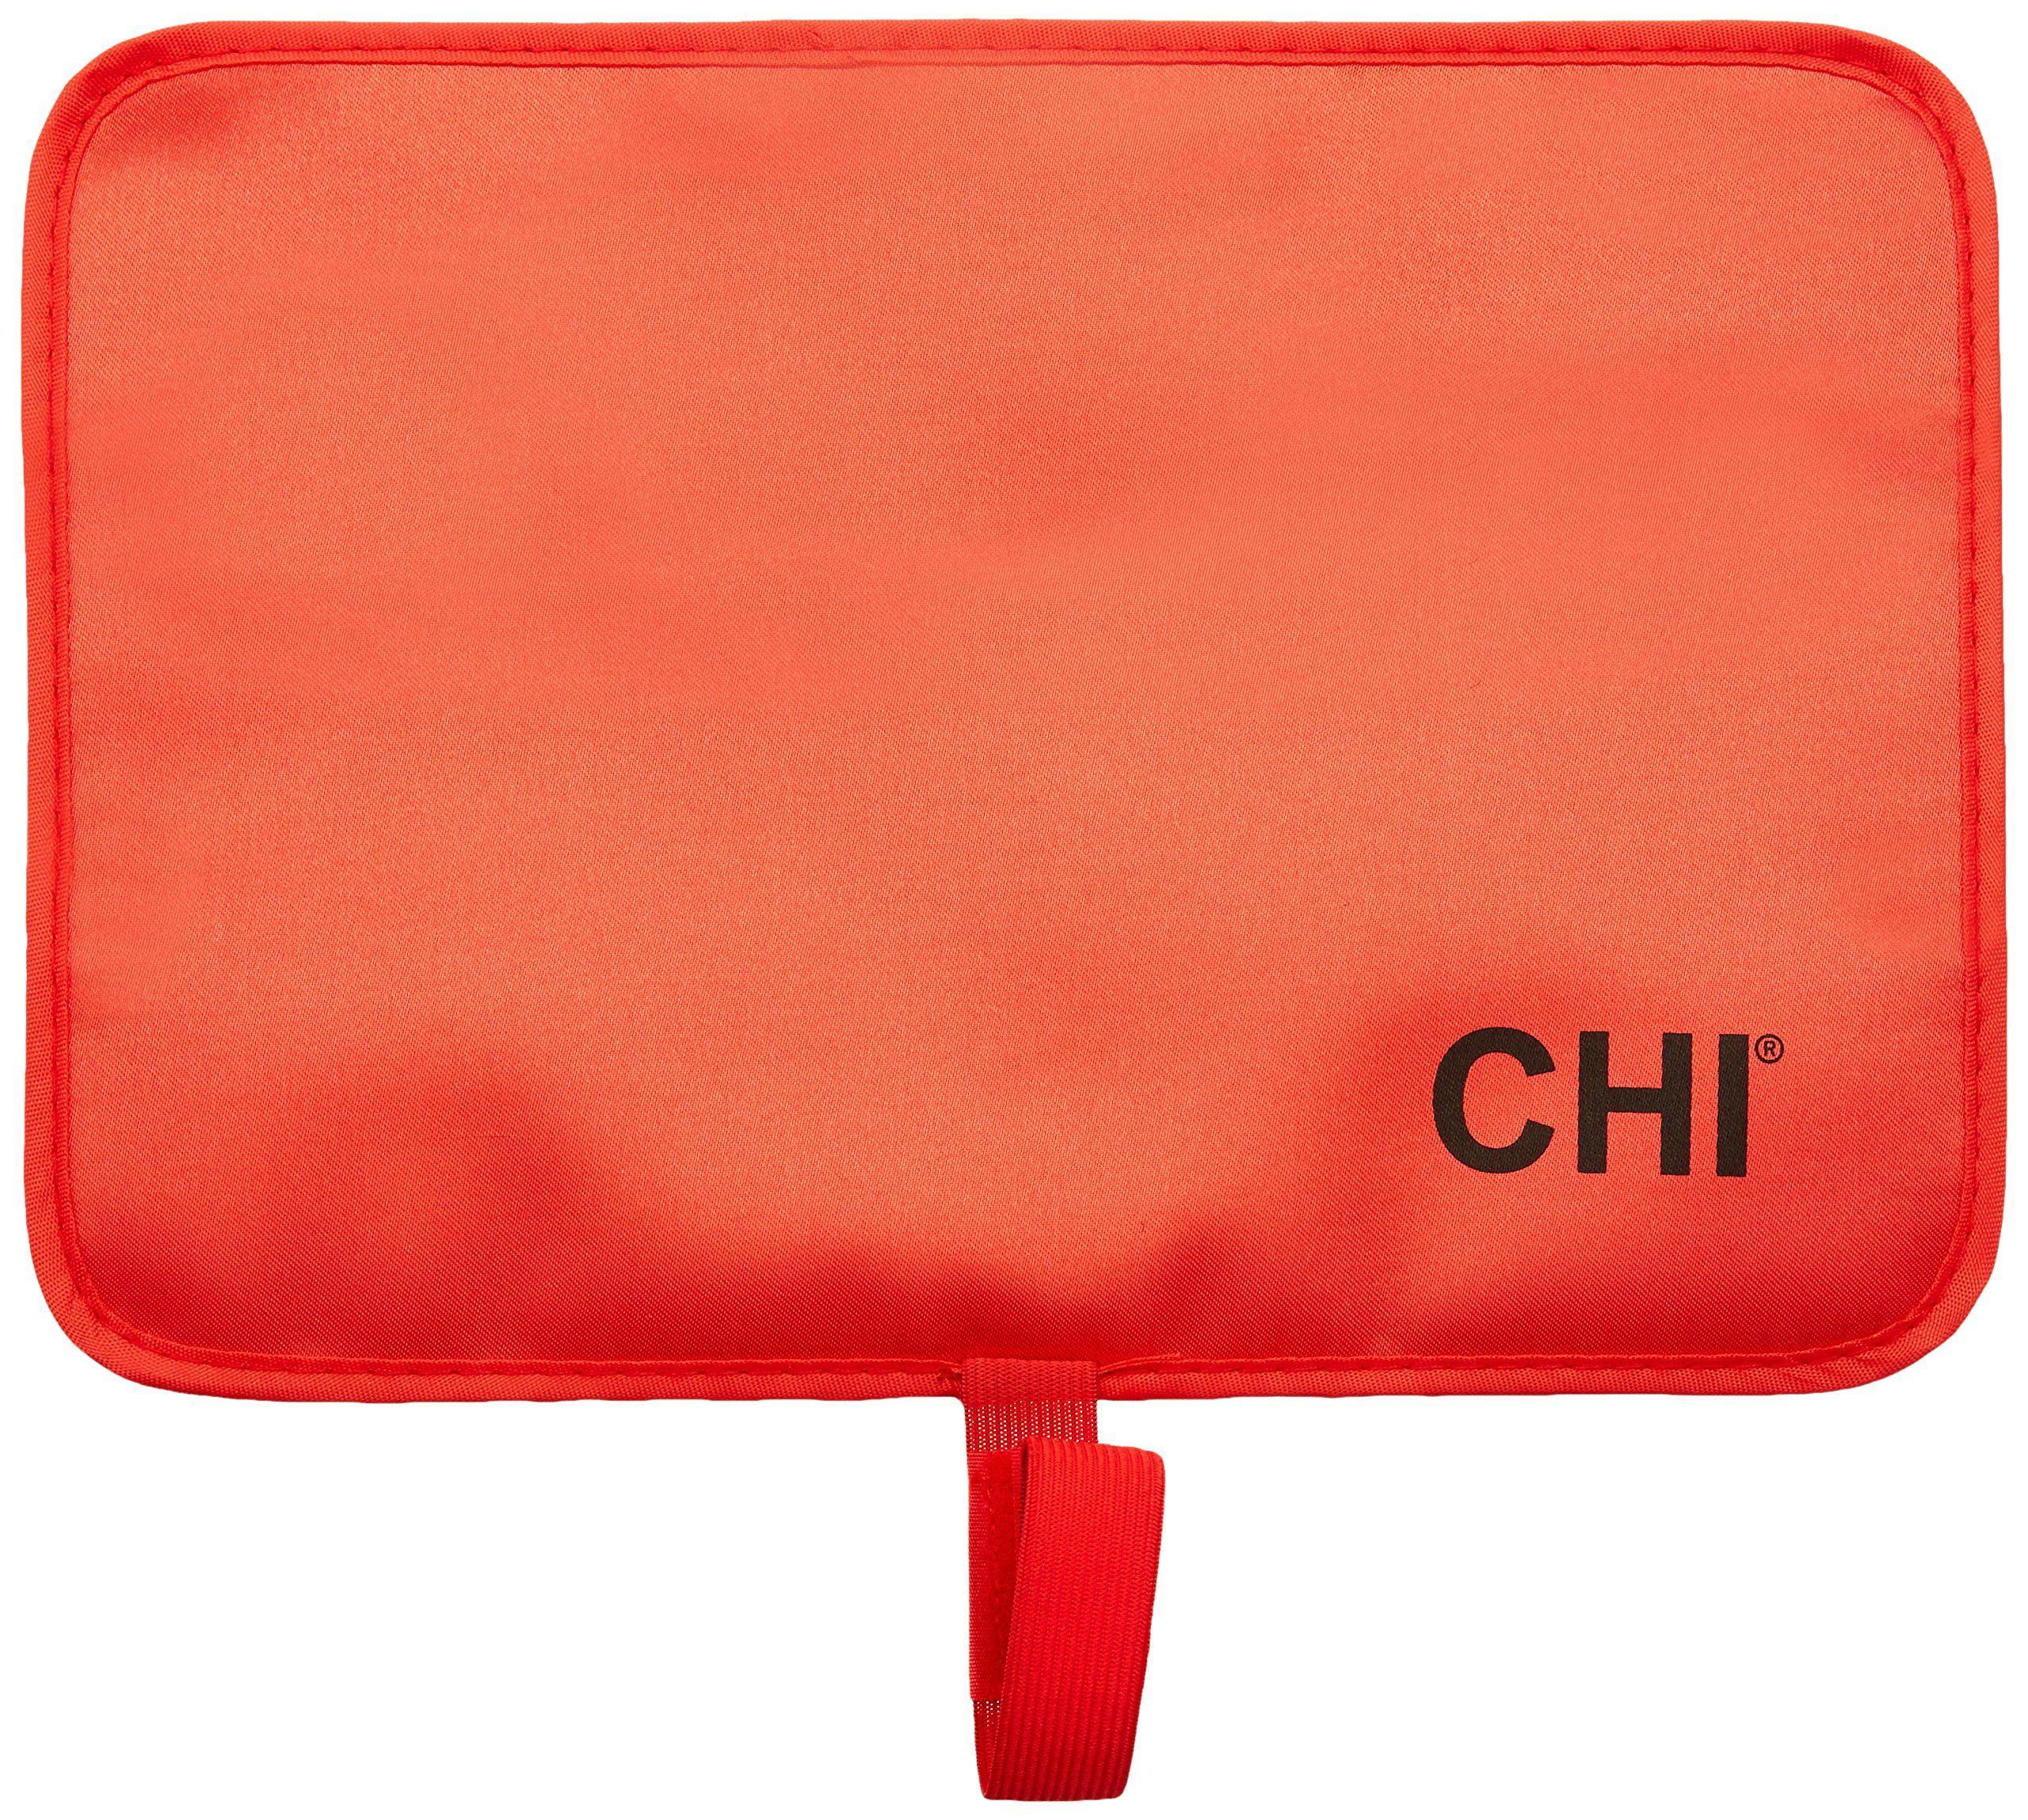 Chi g2 ceramic and titanium 1 14 straightening